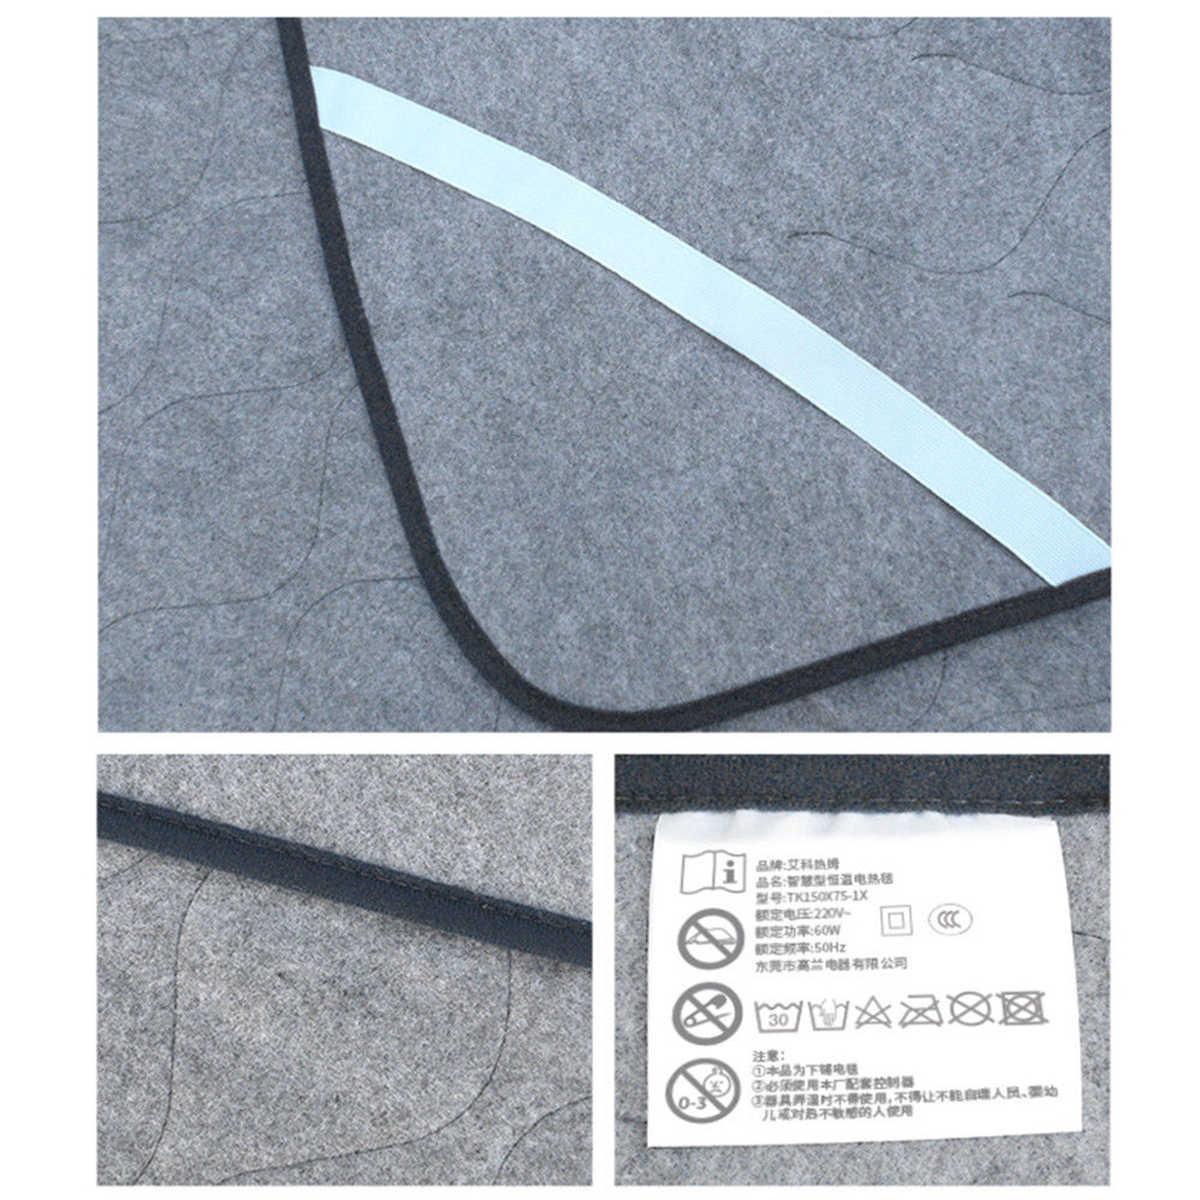 Zimowy koc elektryczny ciepły mata grzewcza Pad rzut pod materac na łóżko włóknina kocyk z tkaniny regulowany 3 kolory 150*75cm